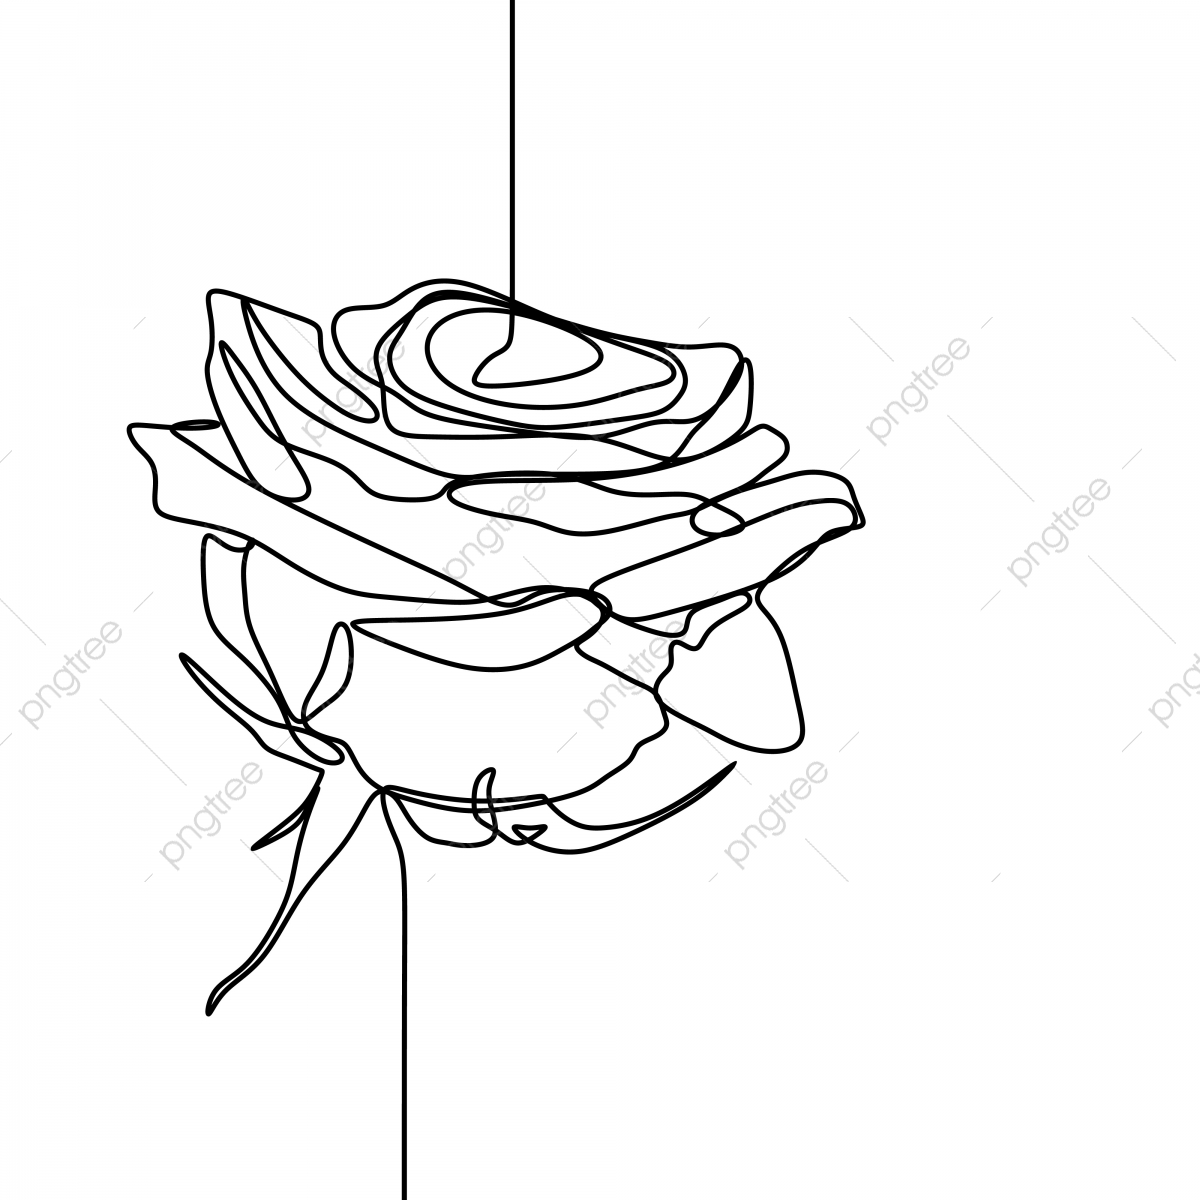 Et De Papier Peint Lineart Continue De Modele Simple Elegant Style